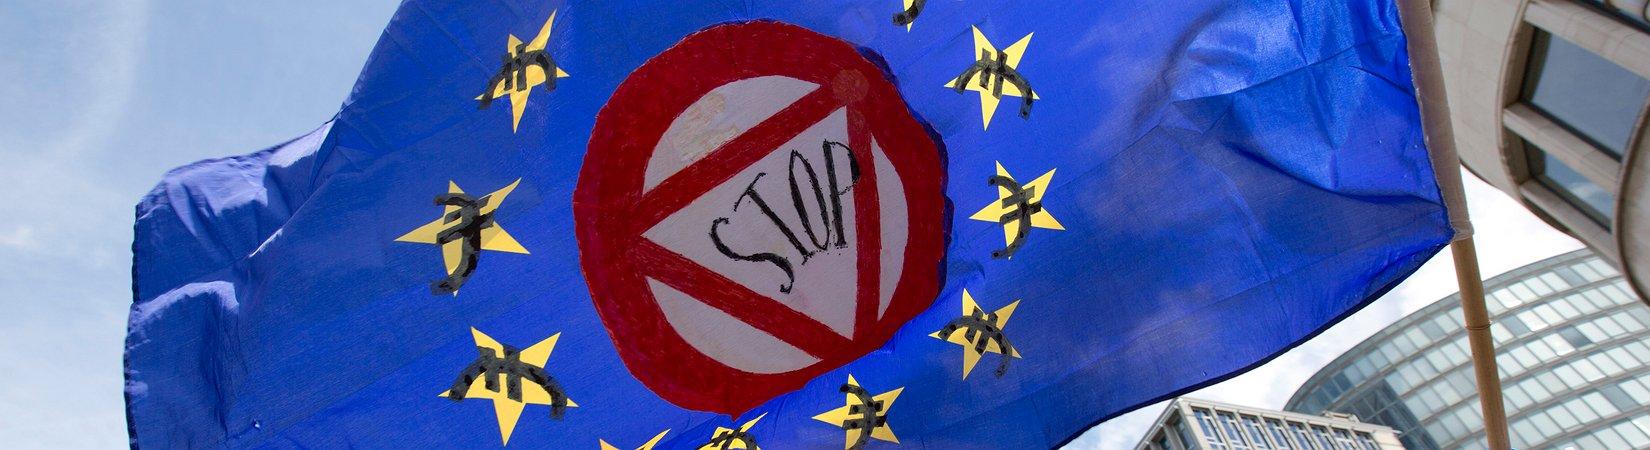 Europa auf dem gefährlichen Weg